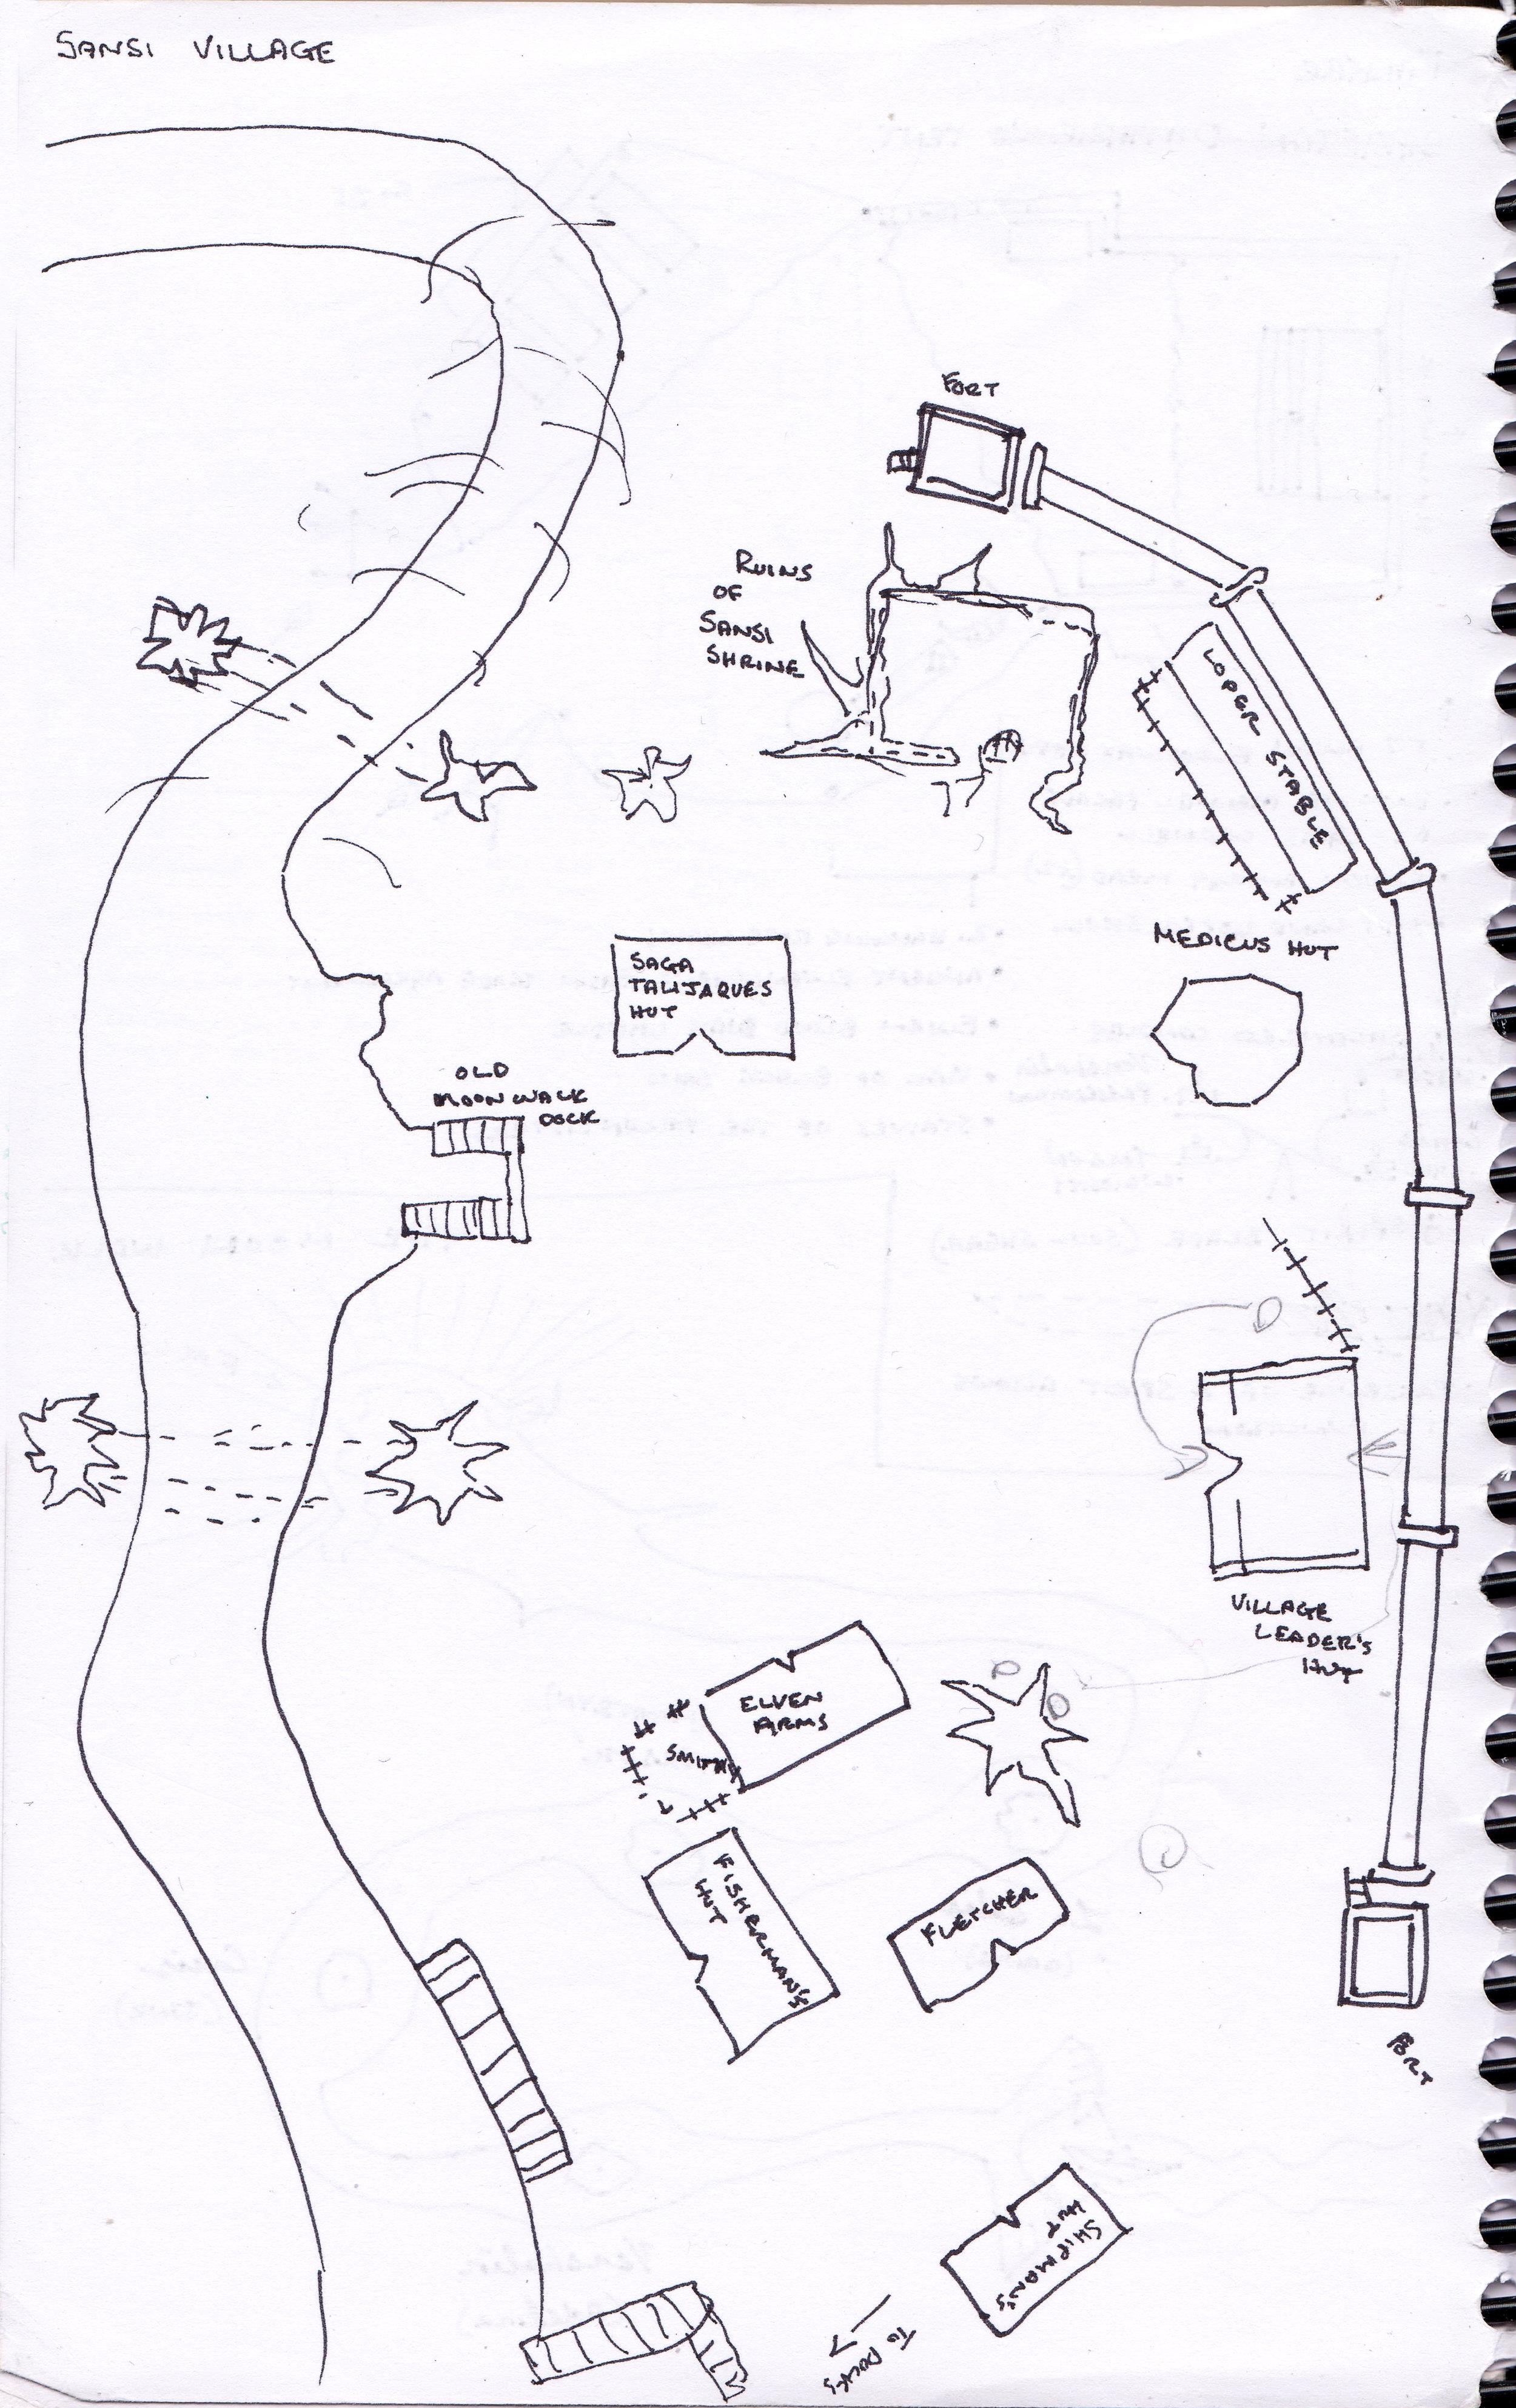 ch7.2_notebook_01.jpg